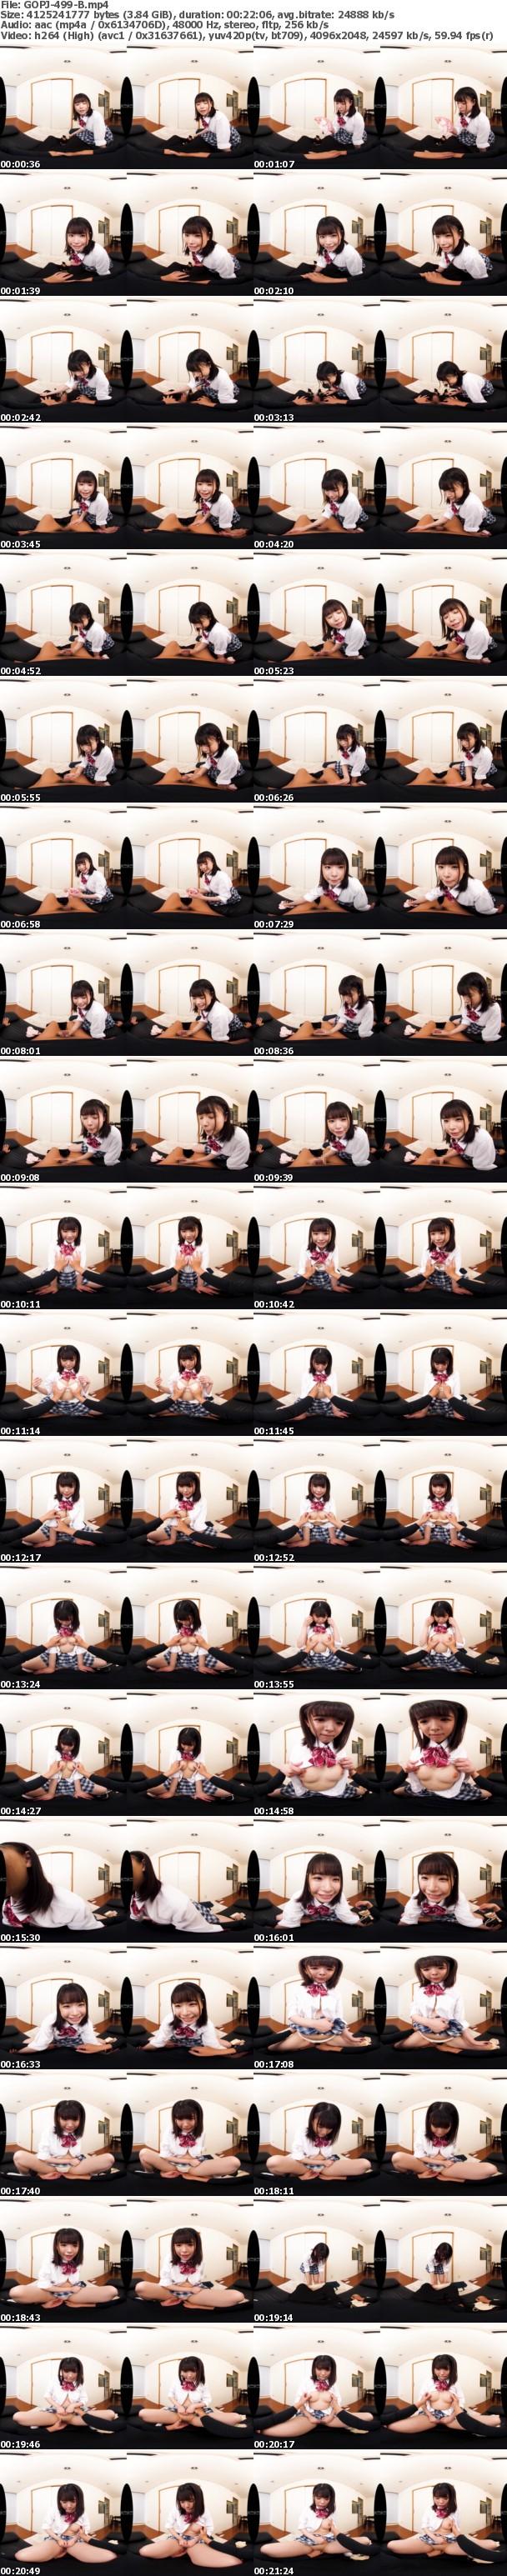 (VR) GOPJ-499 HQ 劇的超高画質 ロリカワ上京田舎娘 天真爛漫で性欲旺盛!兄ちゃんの大根みたいにでっかいw